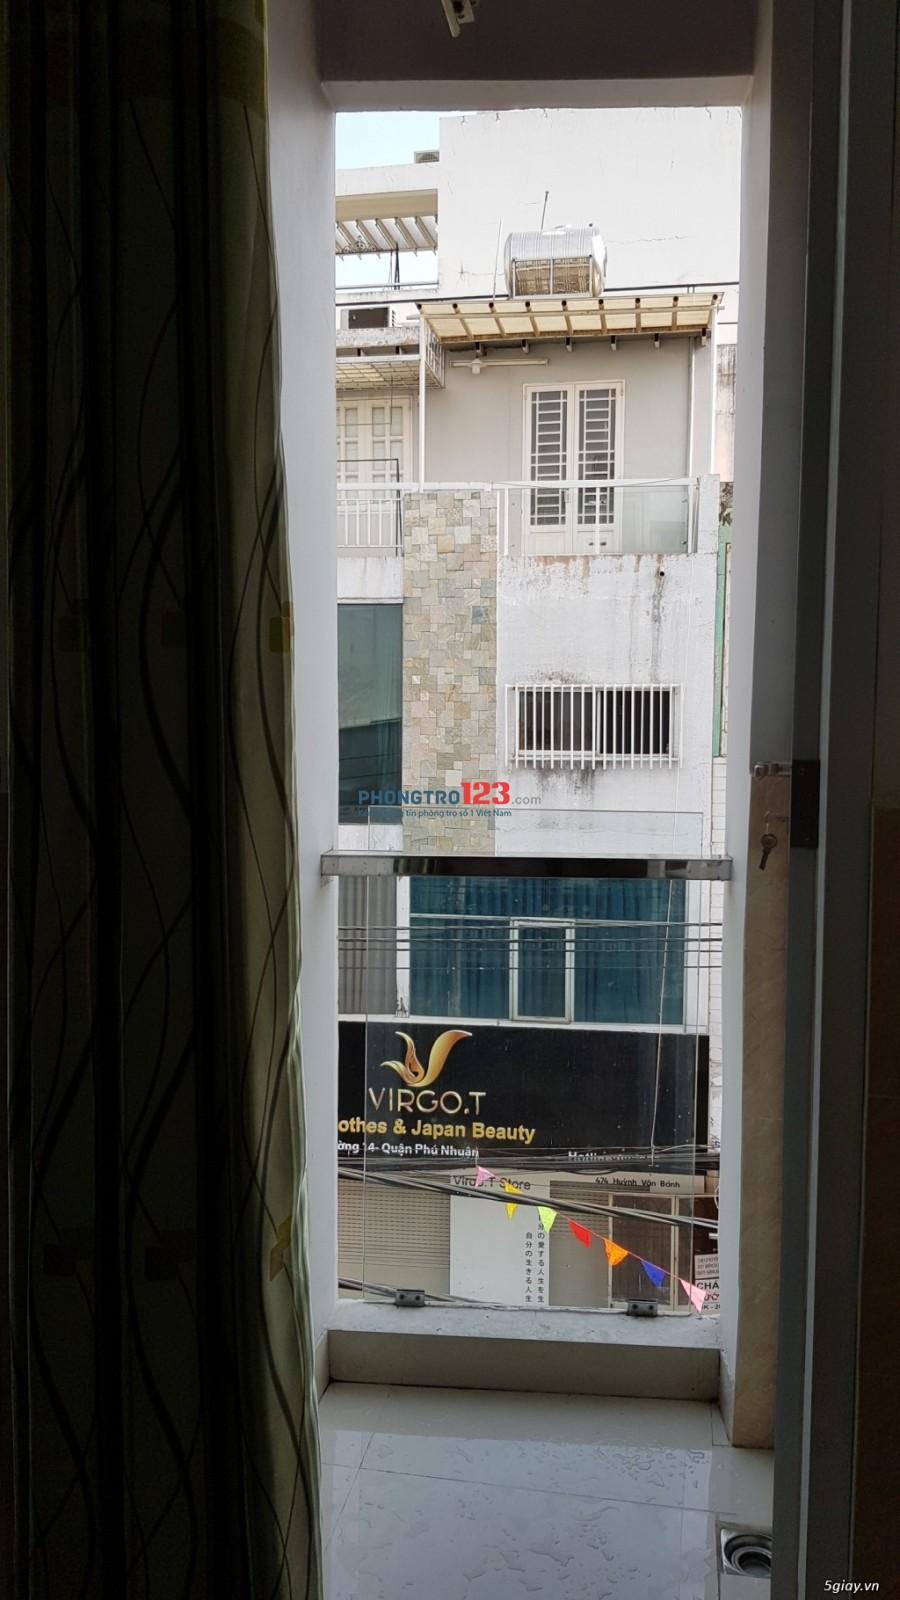 Cho thuê phòng 28m2 - Phú Nhuận - mặt tiền đường - đủ tiện nghi